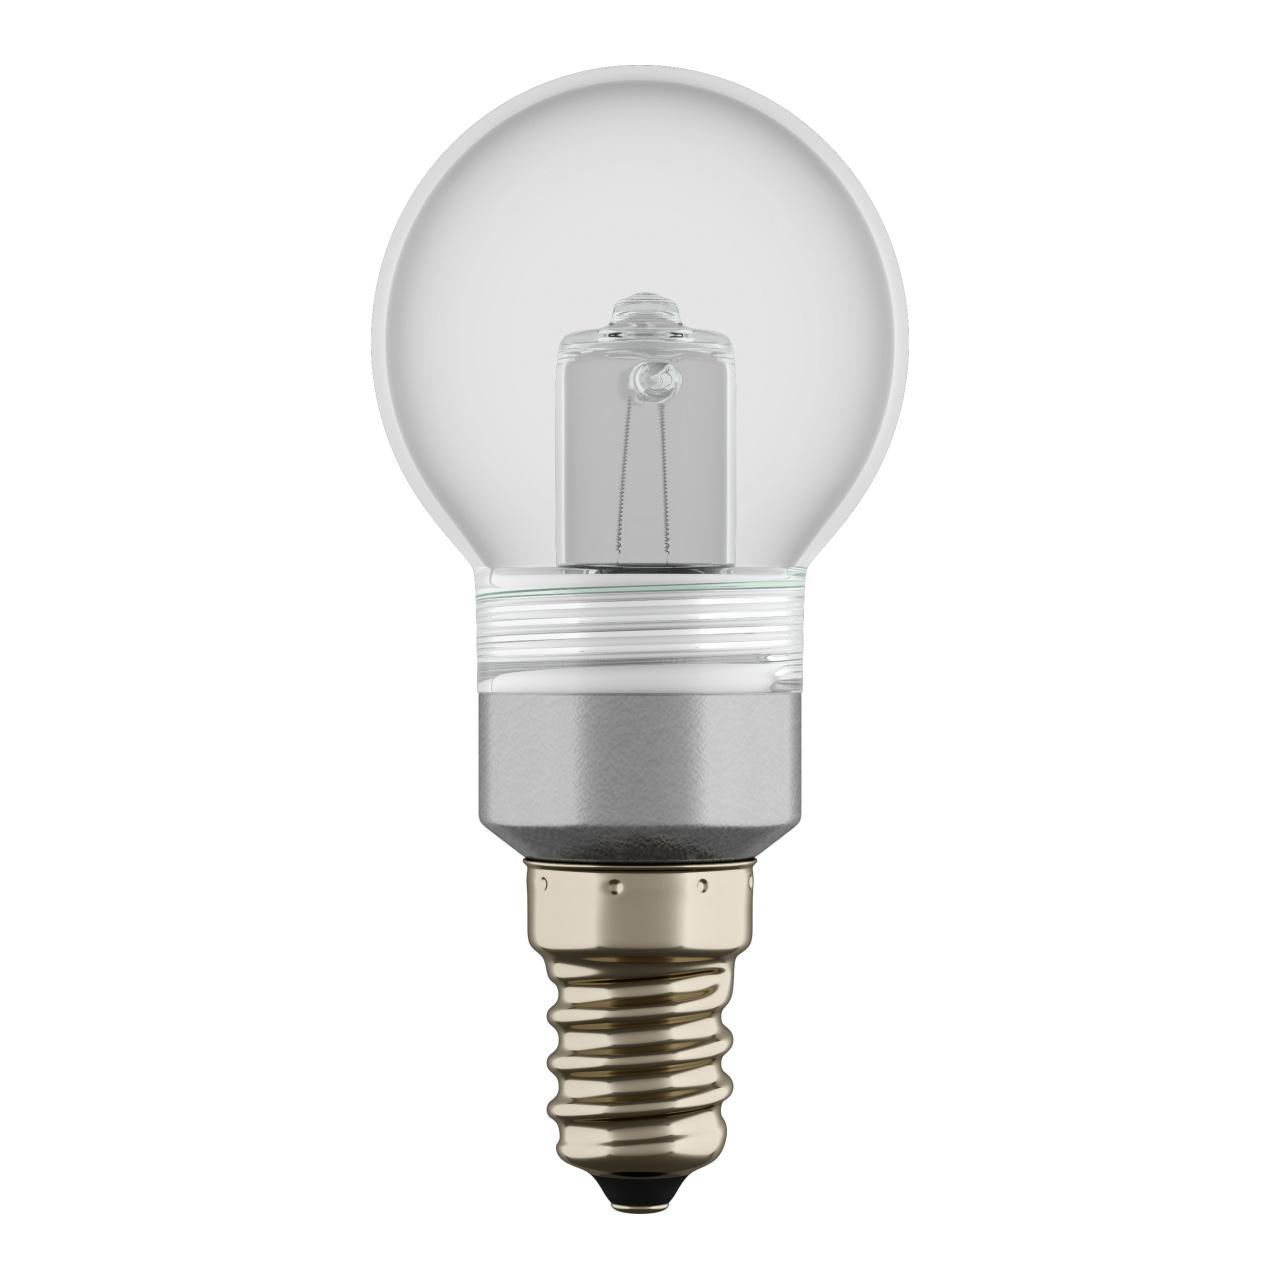 Лампа HAL 220V G40 E14 40W RM RA100 2800K 2000H DIMM Lightstar 922950